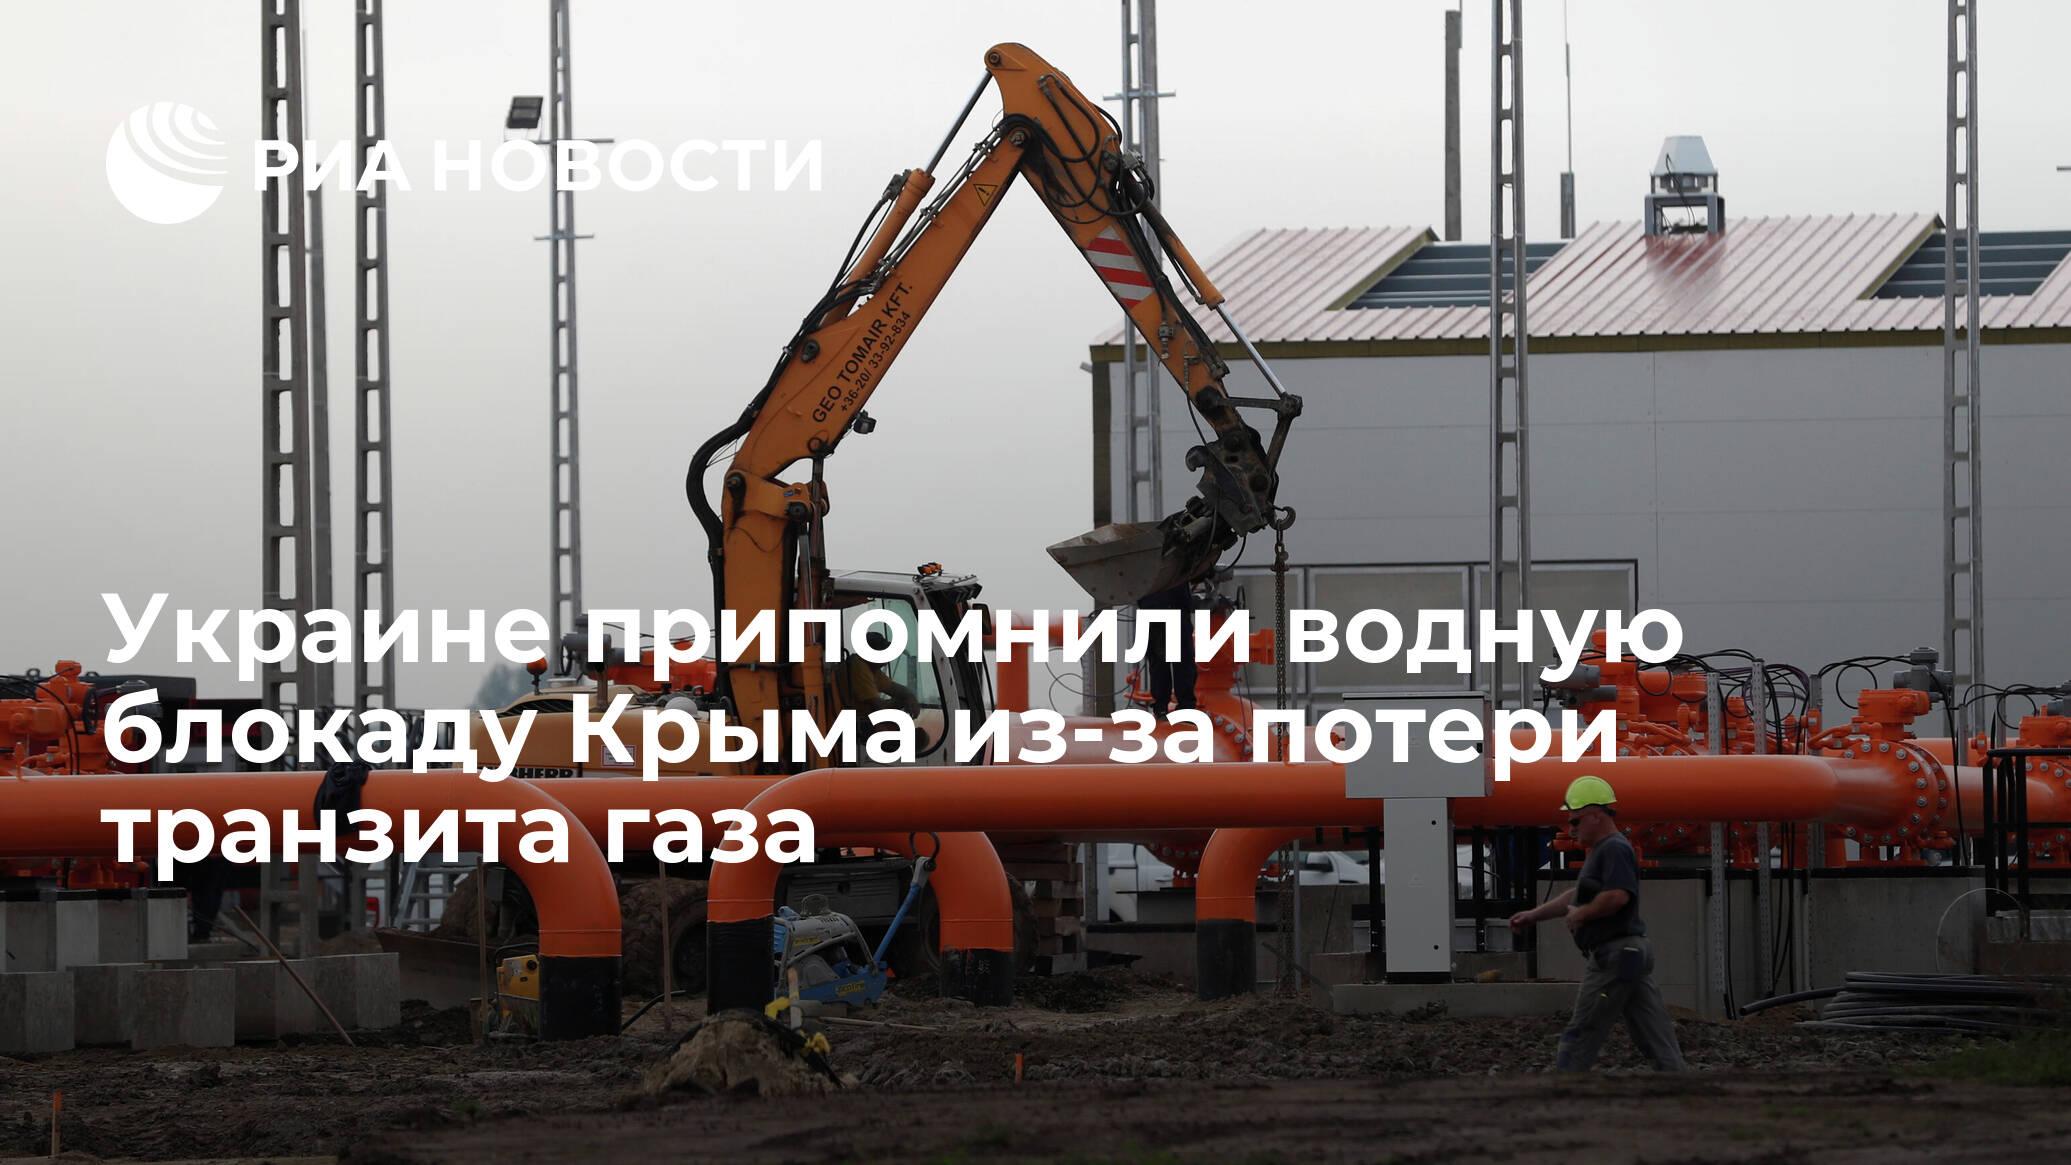 Украине припомнили водную блокаду Крыма из-за потери транзита газа